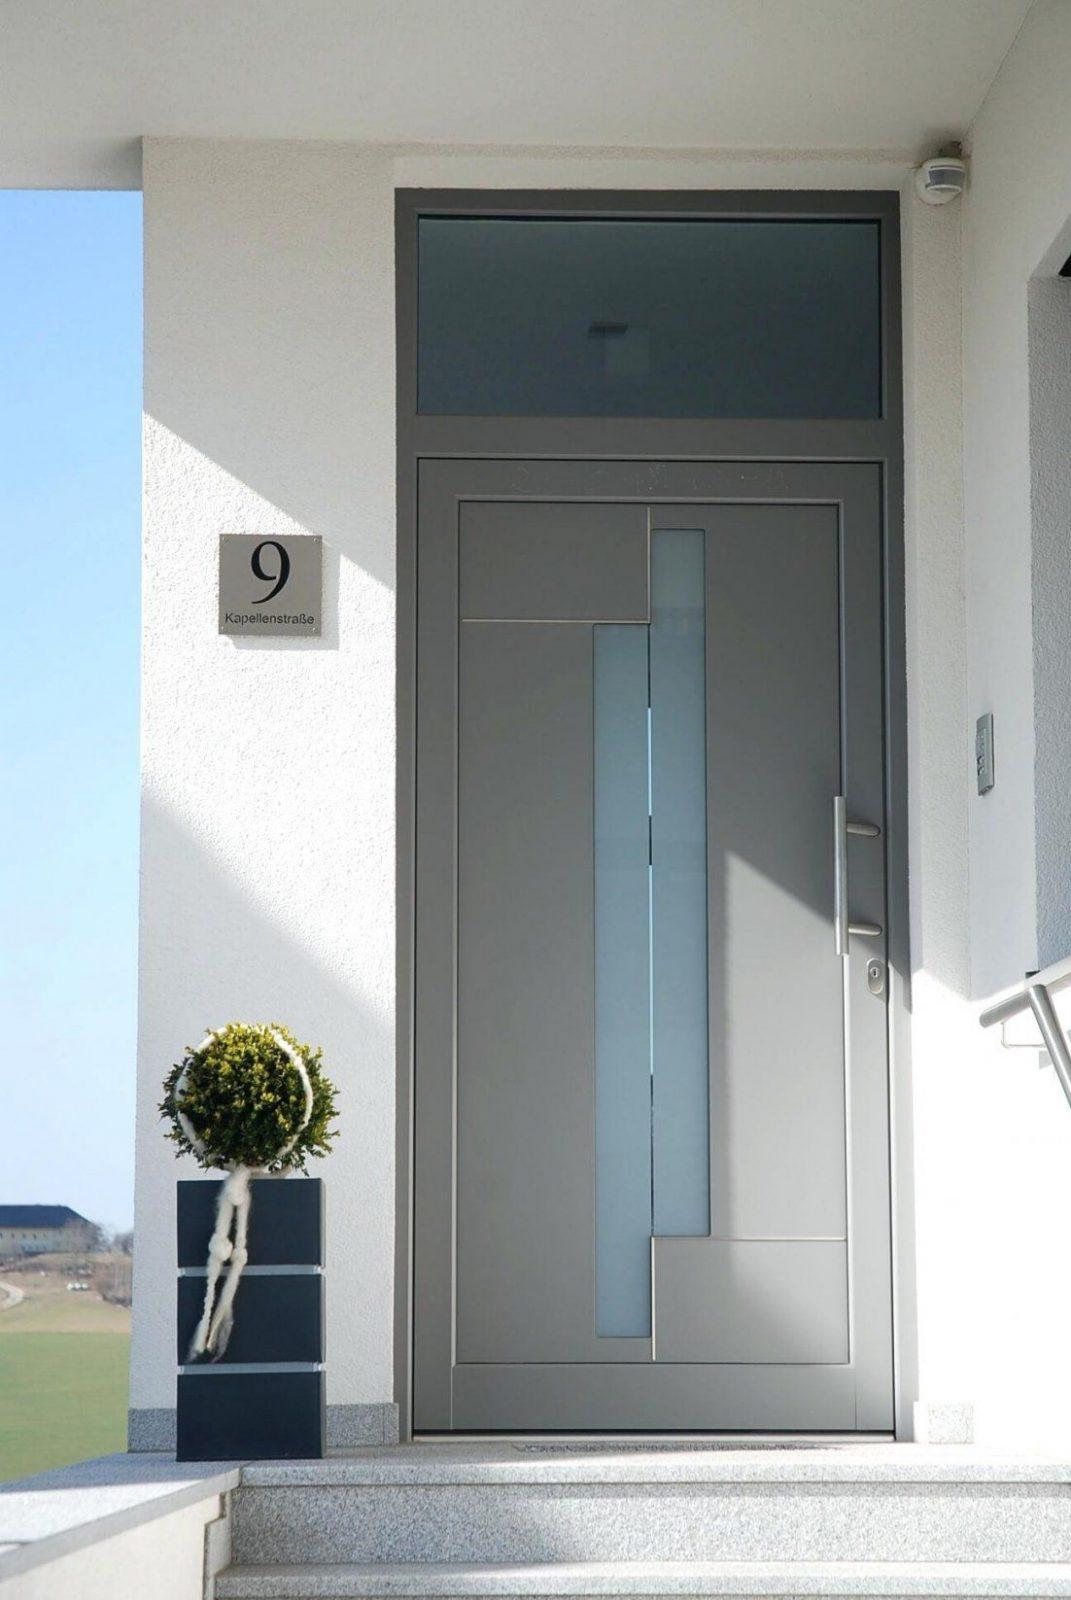 Anthrazit Fenster Mit Vorsatzrollladen In Fensterbank Welche Innen von Fenster Ohne Fensterbank Außen Photo